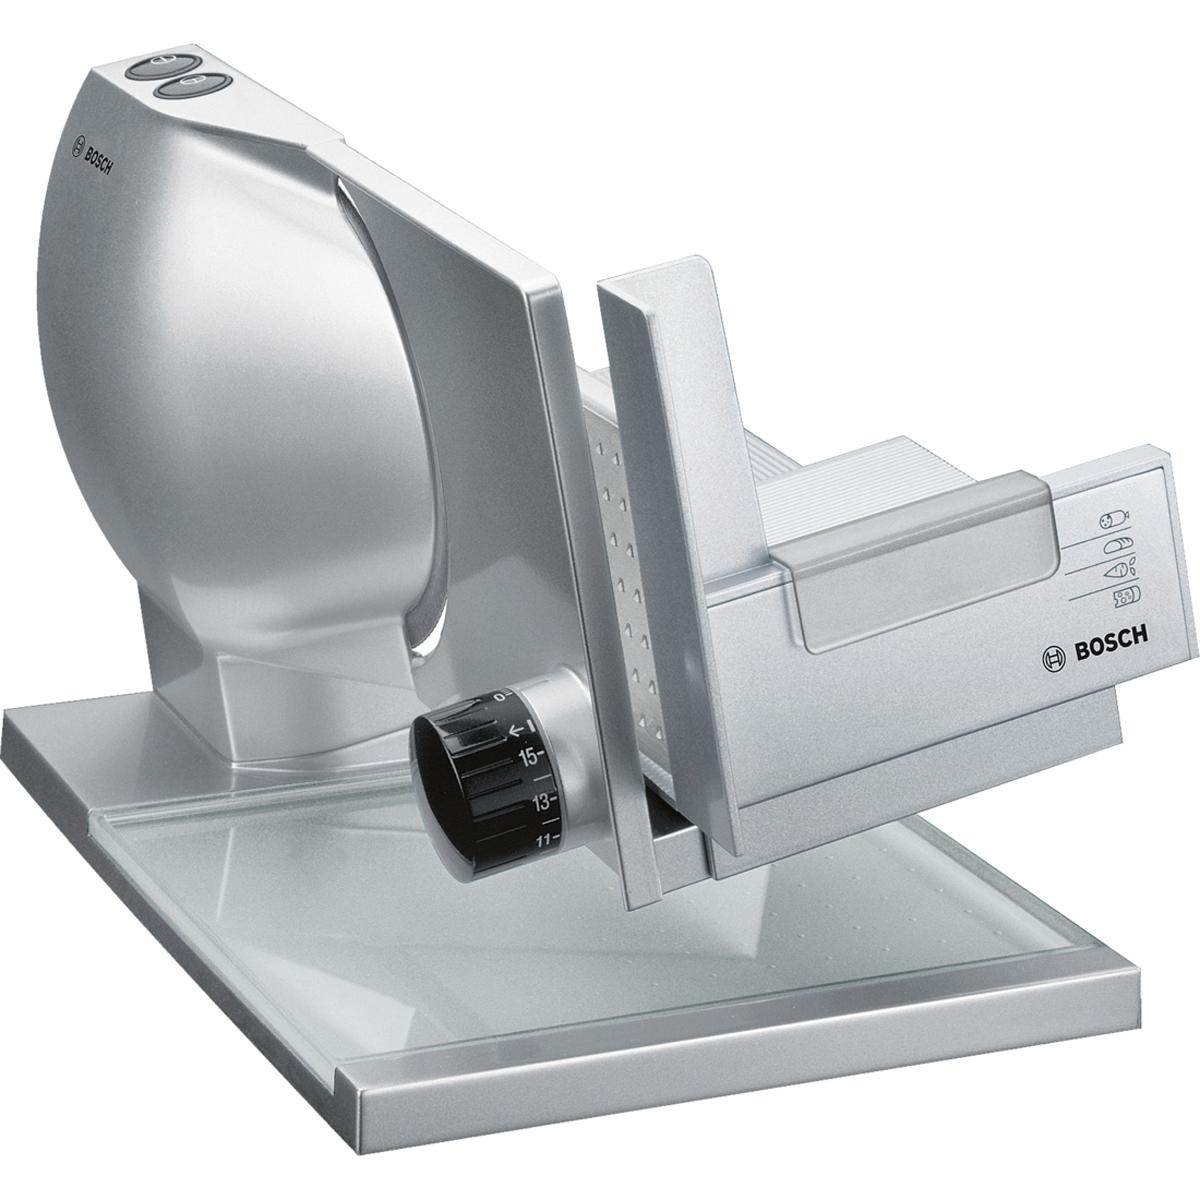 Bosch MAS9454M ломтерезкаMAS9454MПремиальная универсальная резка Bosch MAS9454M имеет металлический корпус и нож с волнообразной заточкой 2 в 1 MultiCut.Хлеб, сыр, ветчина, овощи: острый нож с волнообразной заточкой быстро и качественно нарежет разные виды продуктов ровными ломтиками.Нарежет точно, будь то толстый ломоть хлеба или тончайший кусочек колбасы: благодаря плавно регулируемой толщине нарезки от 0 до 15 мм.Профессиональный подход: благодаря наклонной рабочей поверхности нарезанные кусочки попадают непосредственно на интегрированный сервировочный поднос.Два режима — импульсной и длительной нарезки. Какой из них использовать - зависит от того, сколько надо отрезать кусочков. Защитный кожух ножа, кнопка безопасного включения, а также резиновые ножки для устойчивости и суппорт для подачи продуктов с защитой пальцев обеспечивают безопасную эксплуатацию прибора.Регулировка толщины нарезки до 15 ммПриподнятая рабочая поверхность с уклоном 10°Большие легко скользящие салазкиИнтегрированный поднос для нарезанных продуктовСуппорт для продуктов с защитой пальцевНож полностью закрыт защитным кожухом